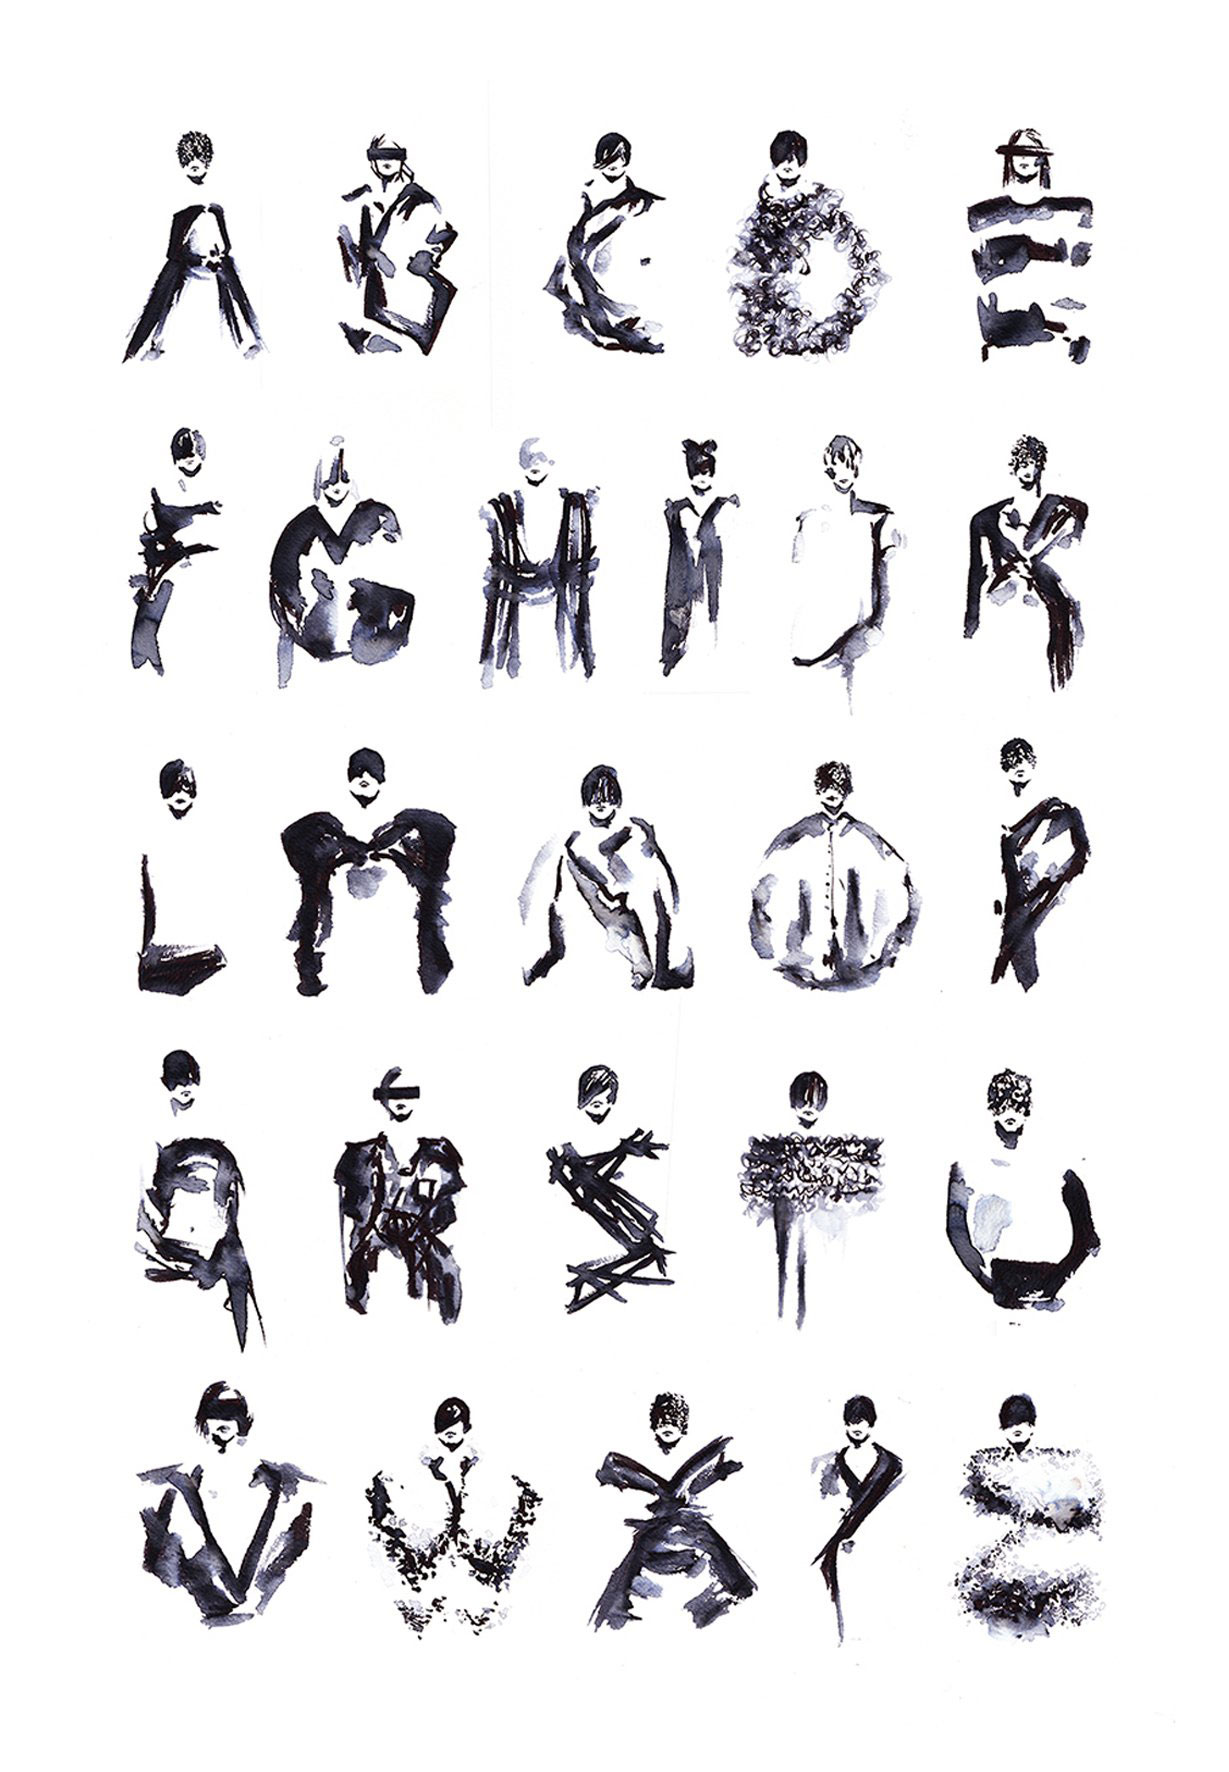 Fashion Typography based on Maison Martin Margiela   Yellowtrace